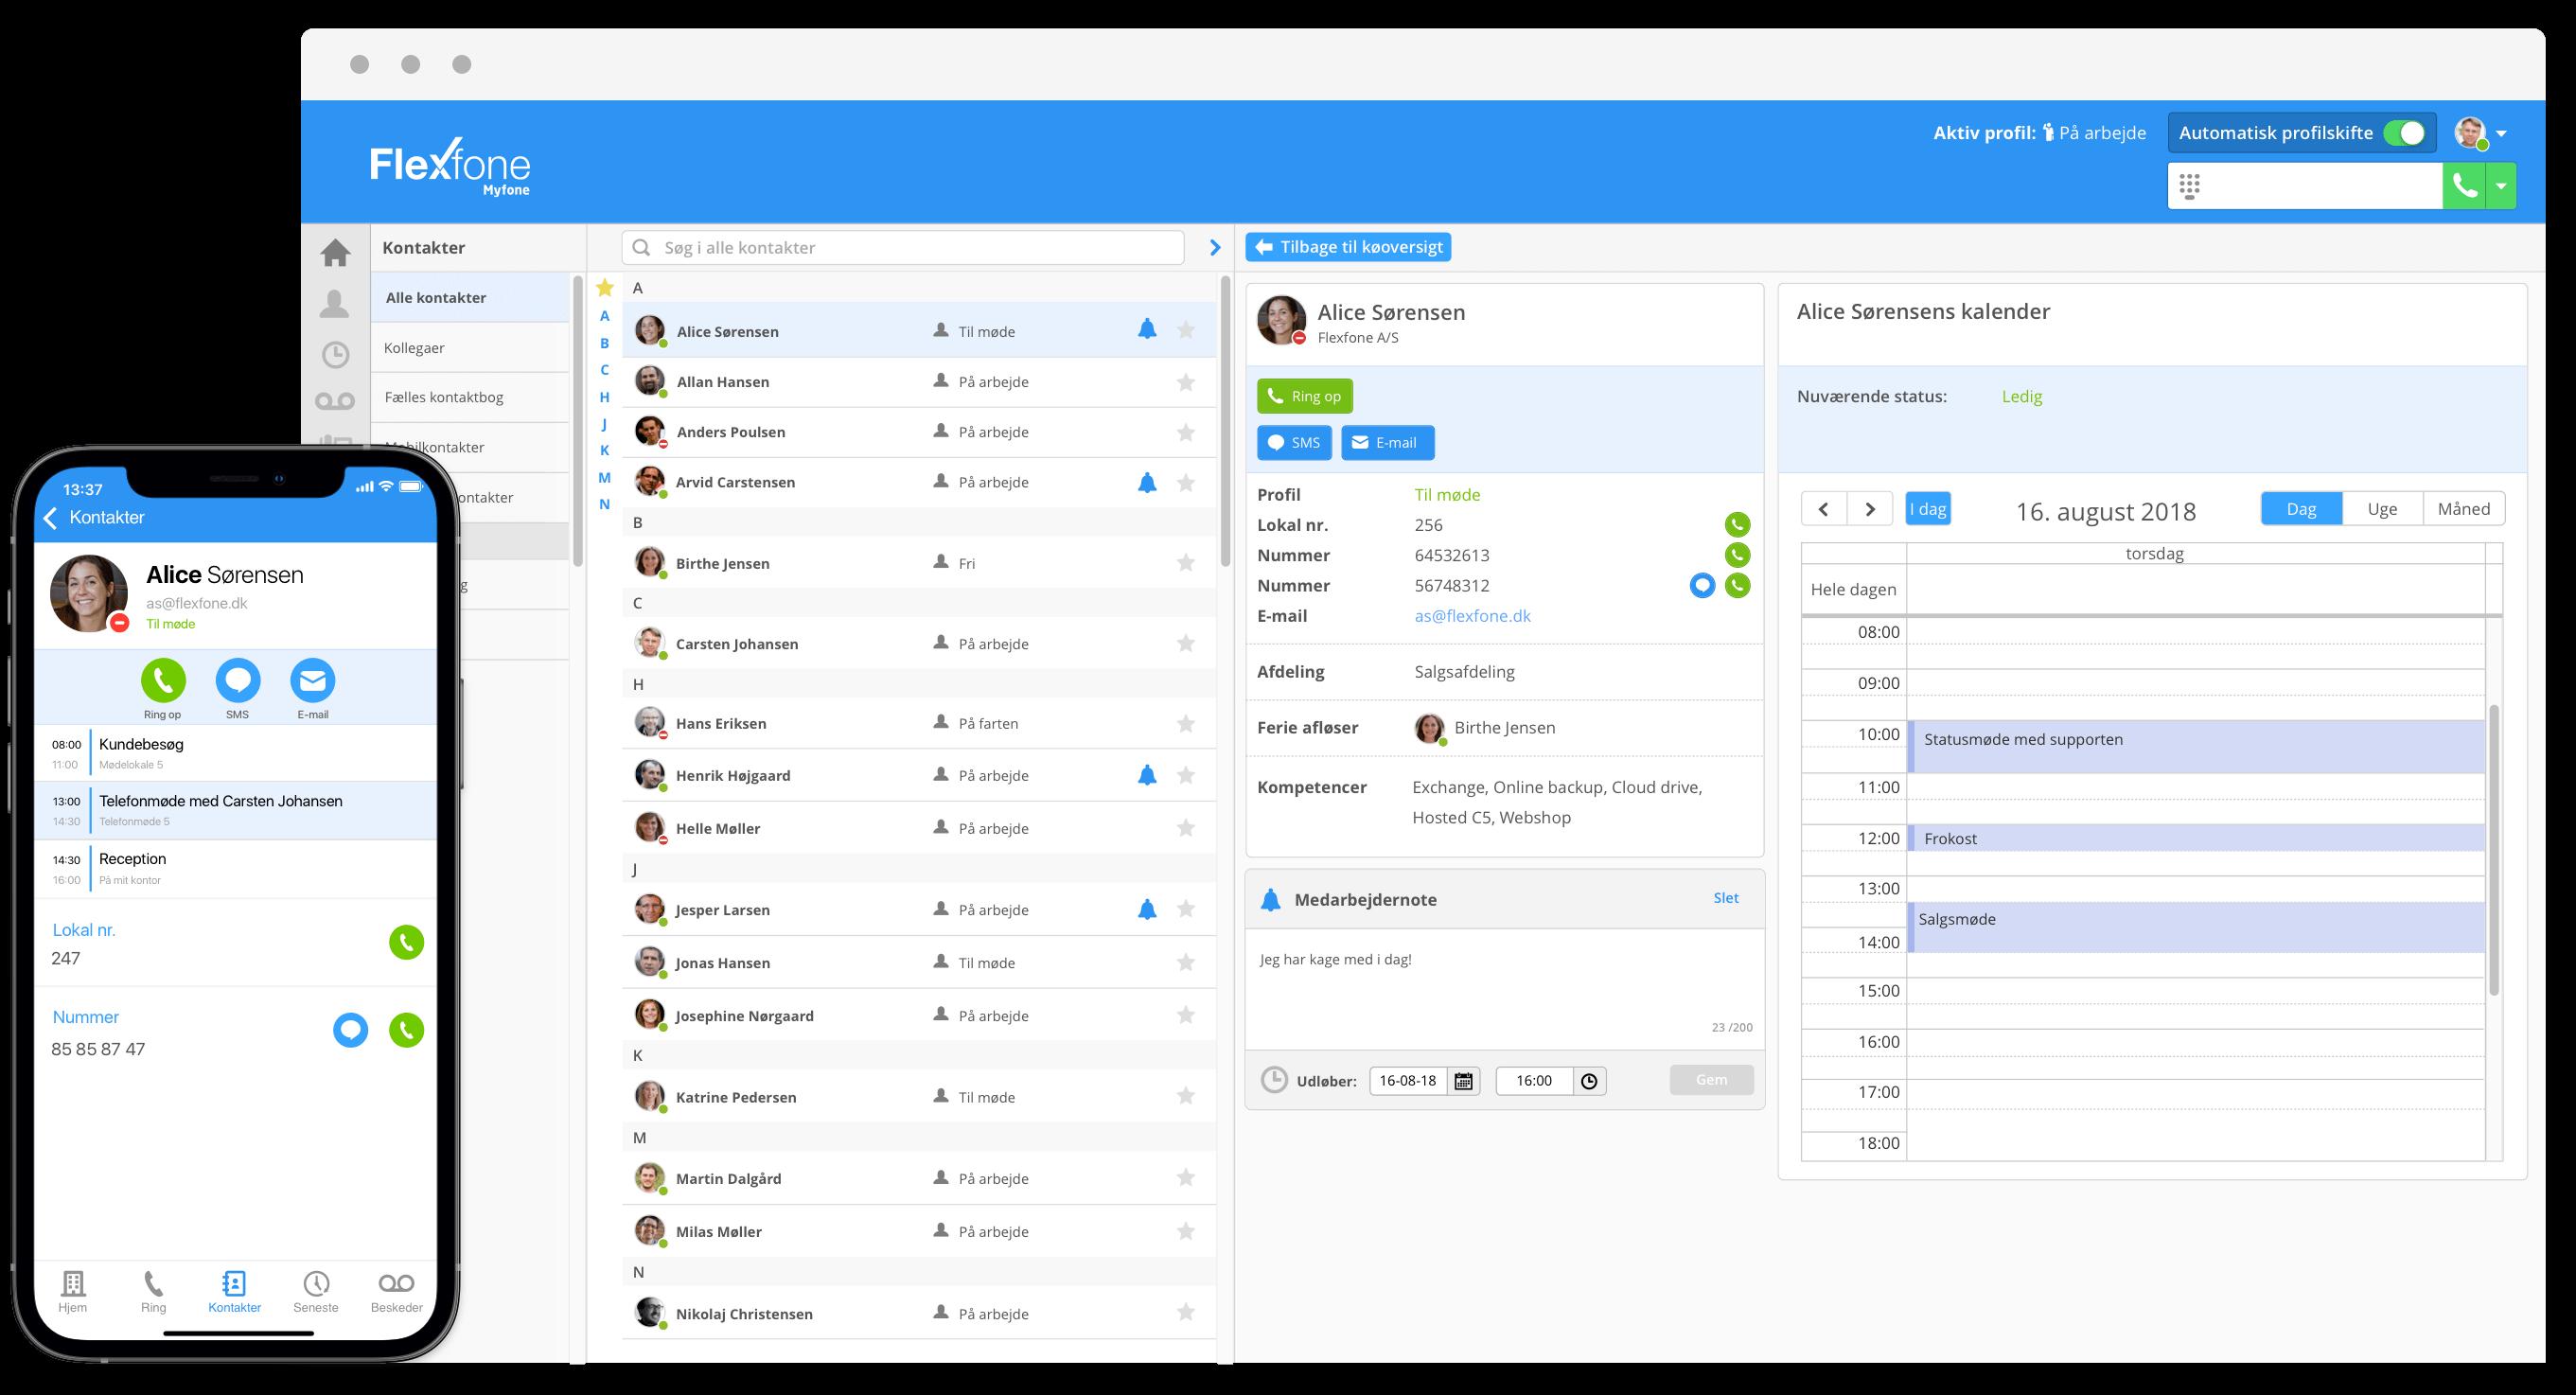 Myfone er et online omstillingsbord